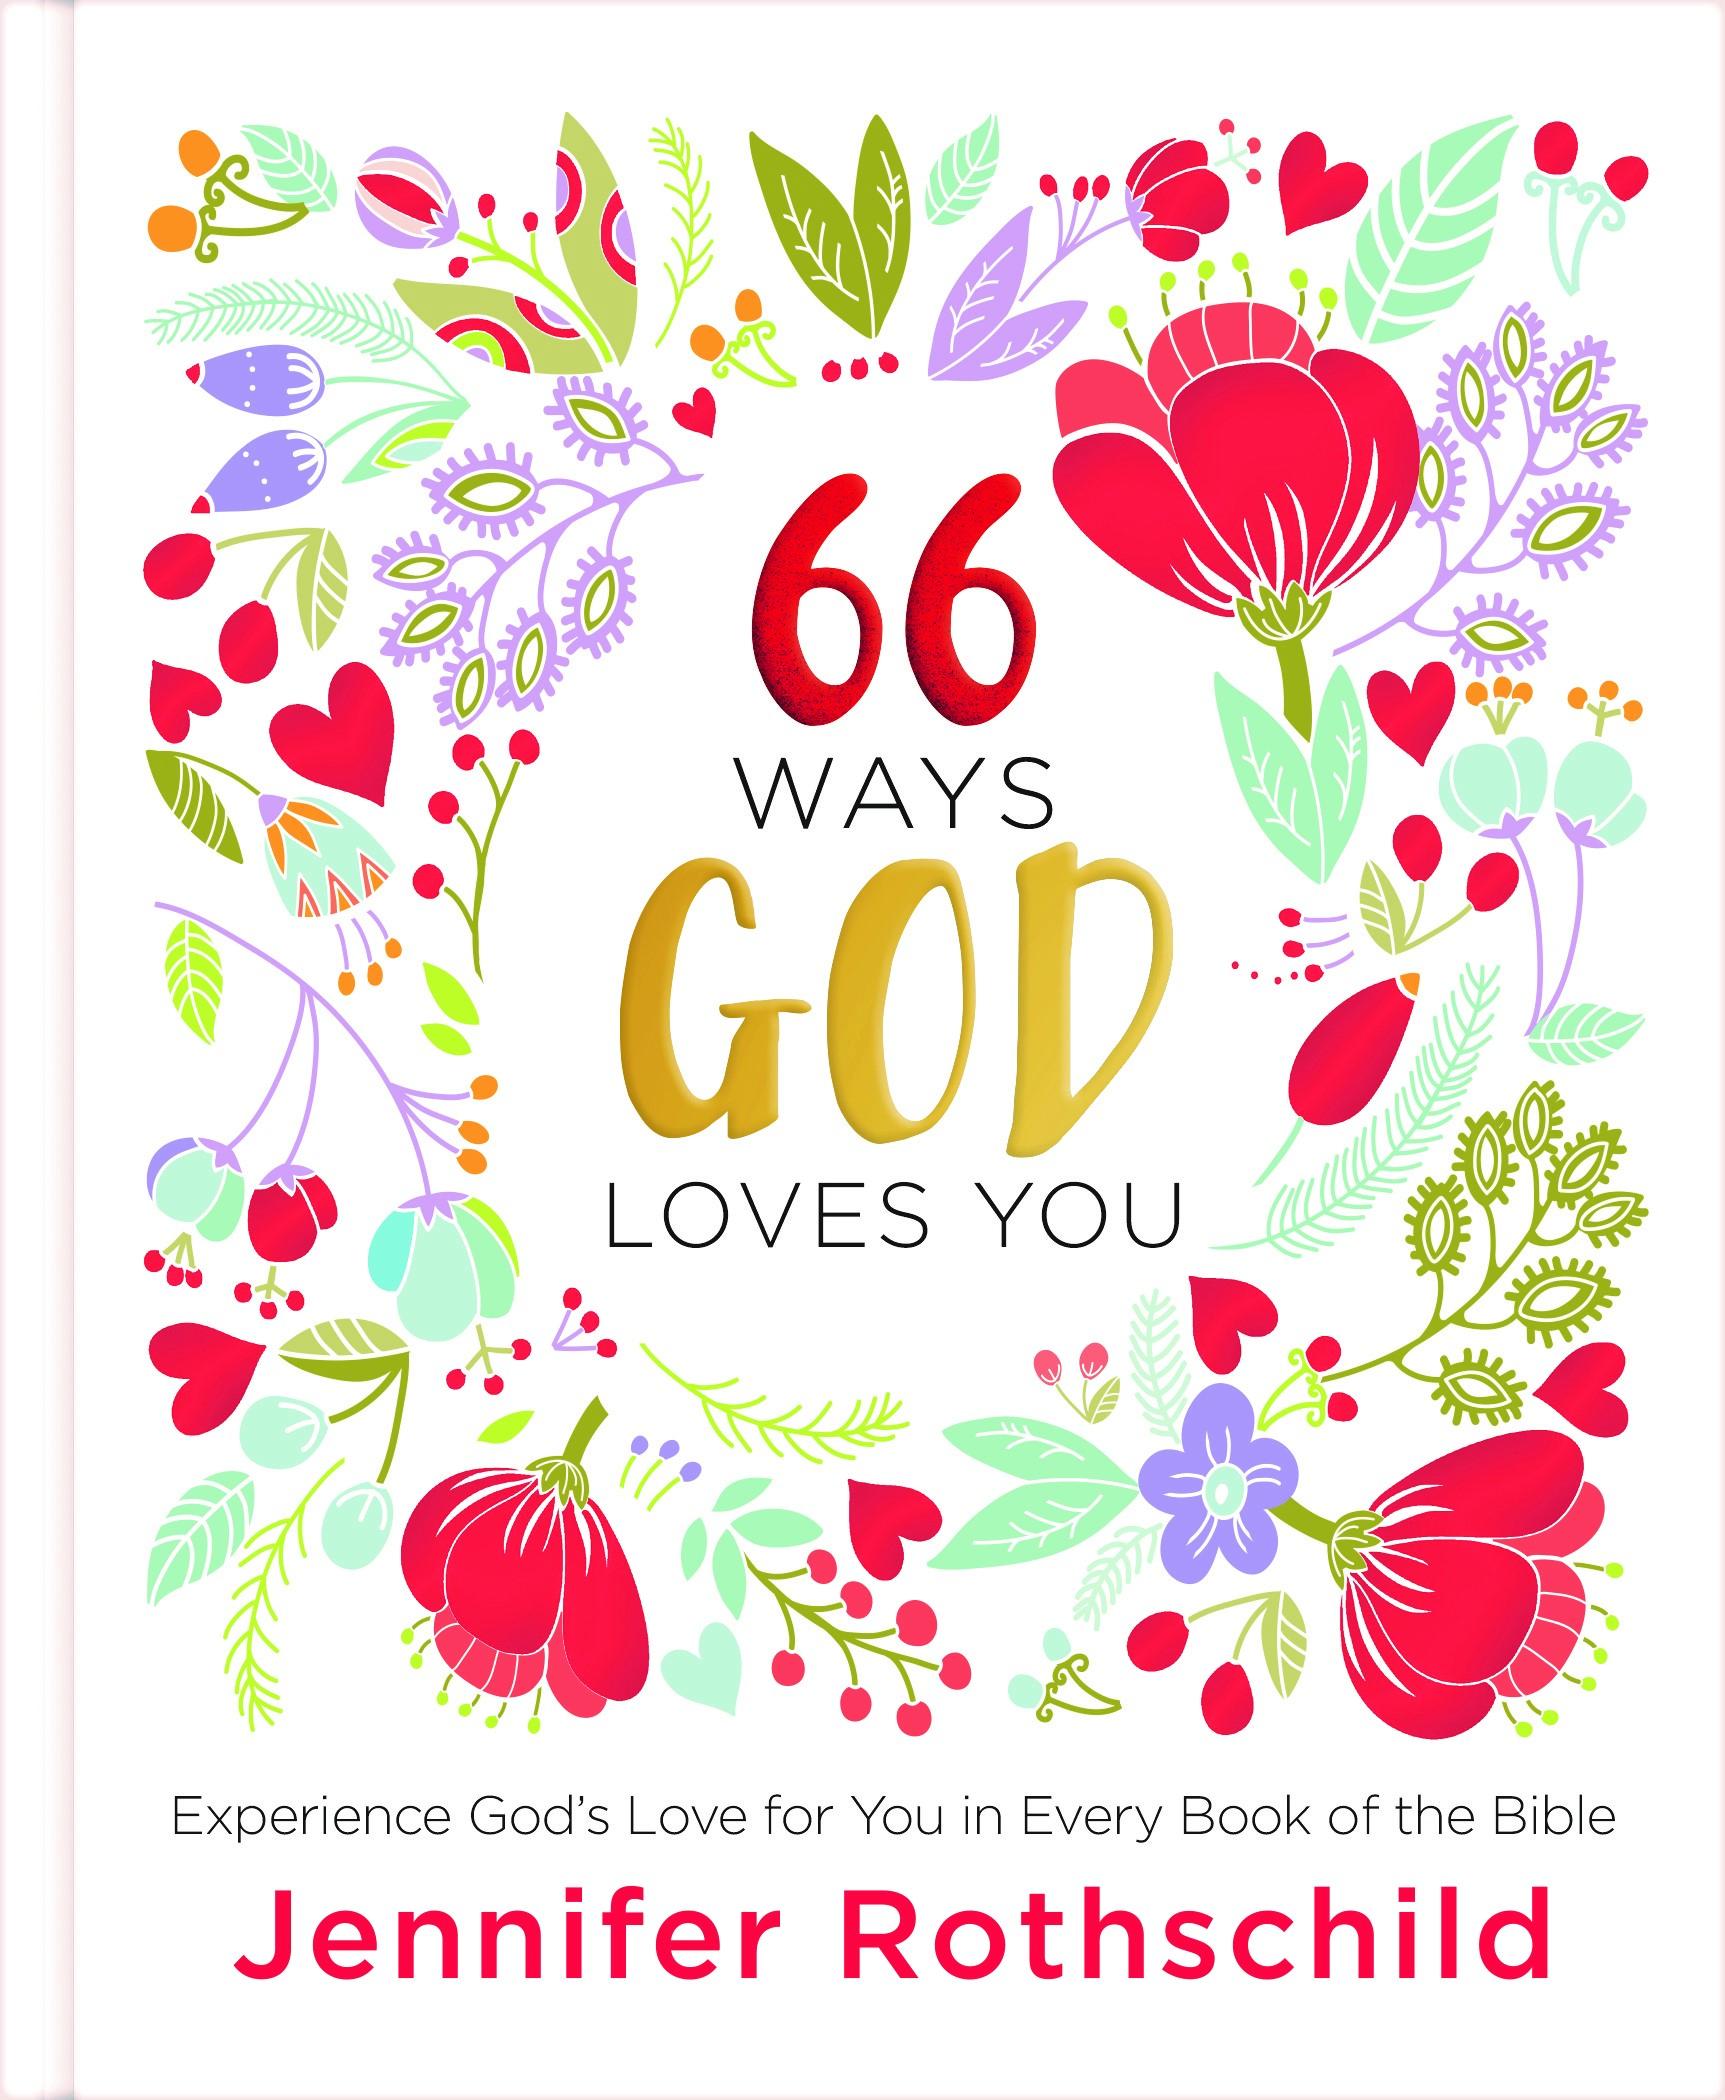 66 Ways Book